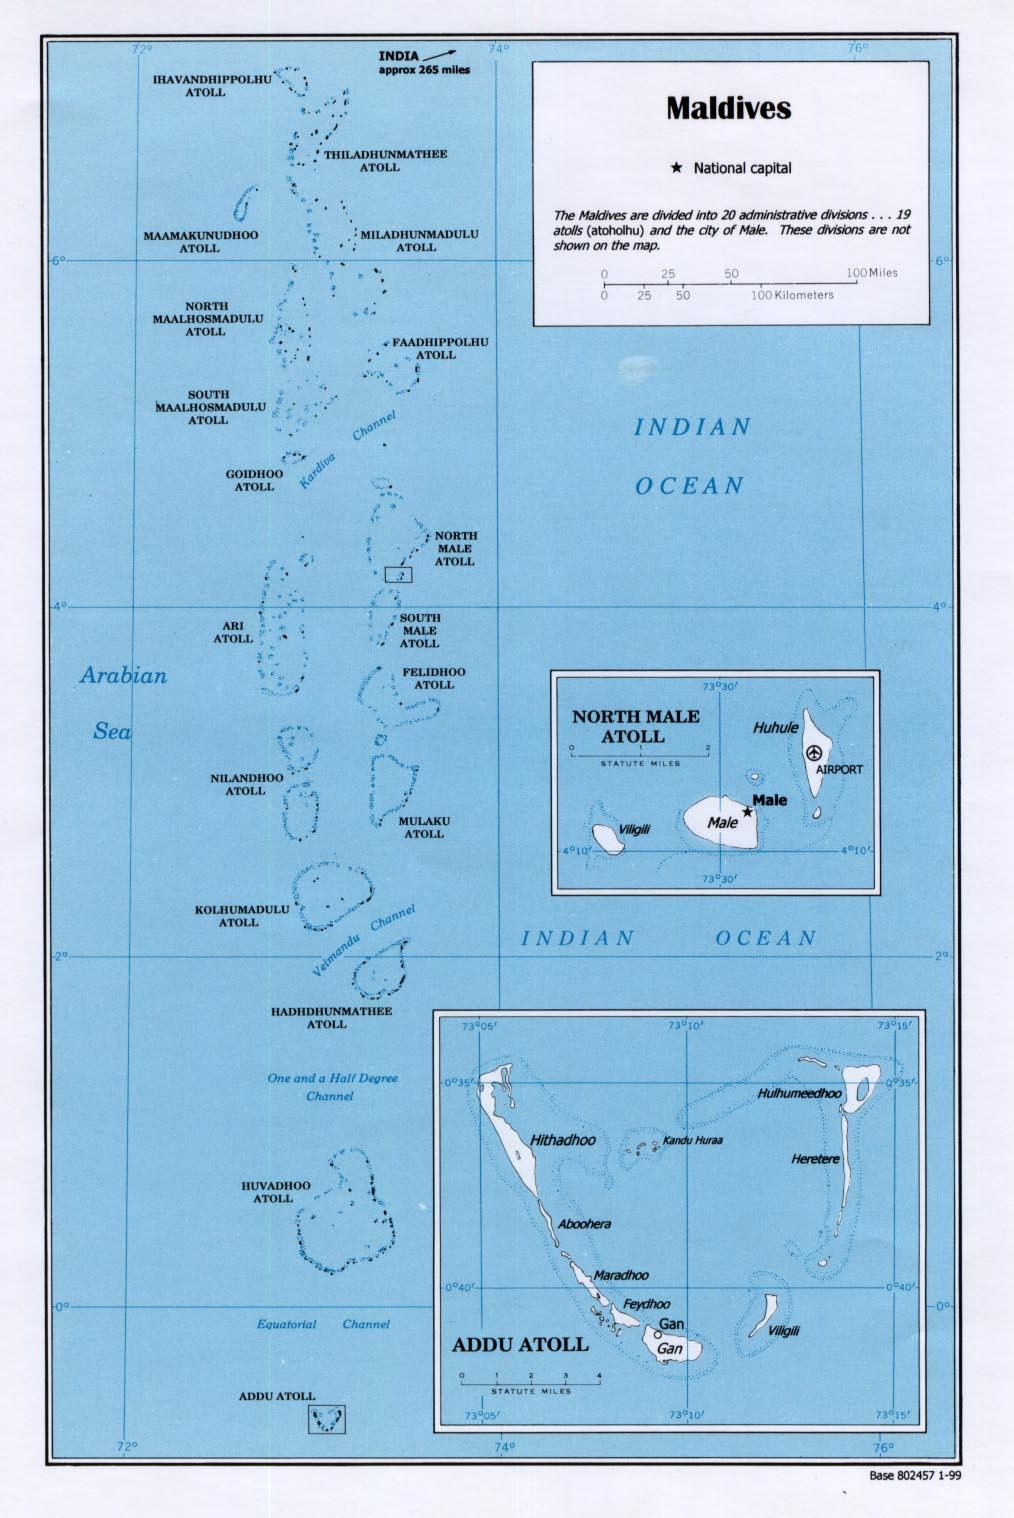 Malediven Karte Weltkarte.Landkarte Malediven überischt Der Maledivischen Inseln Weltkarte